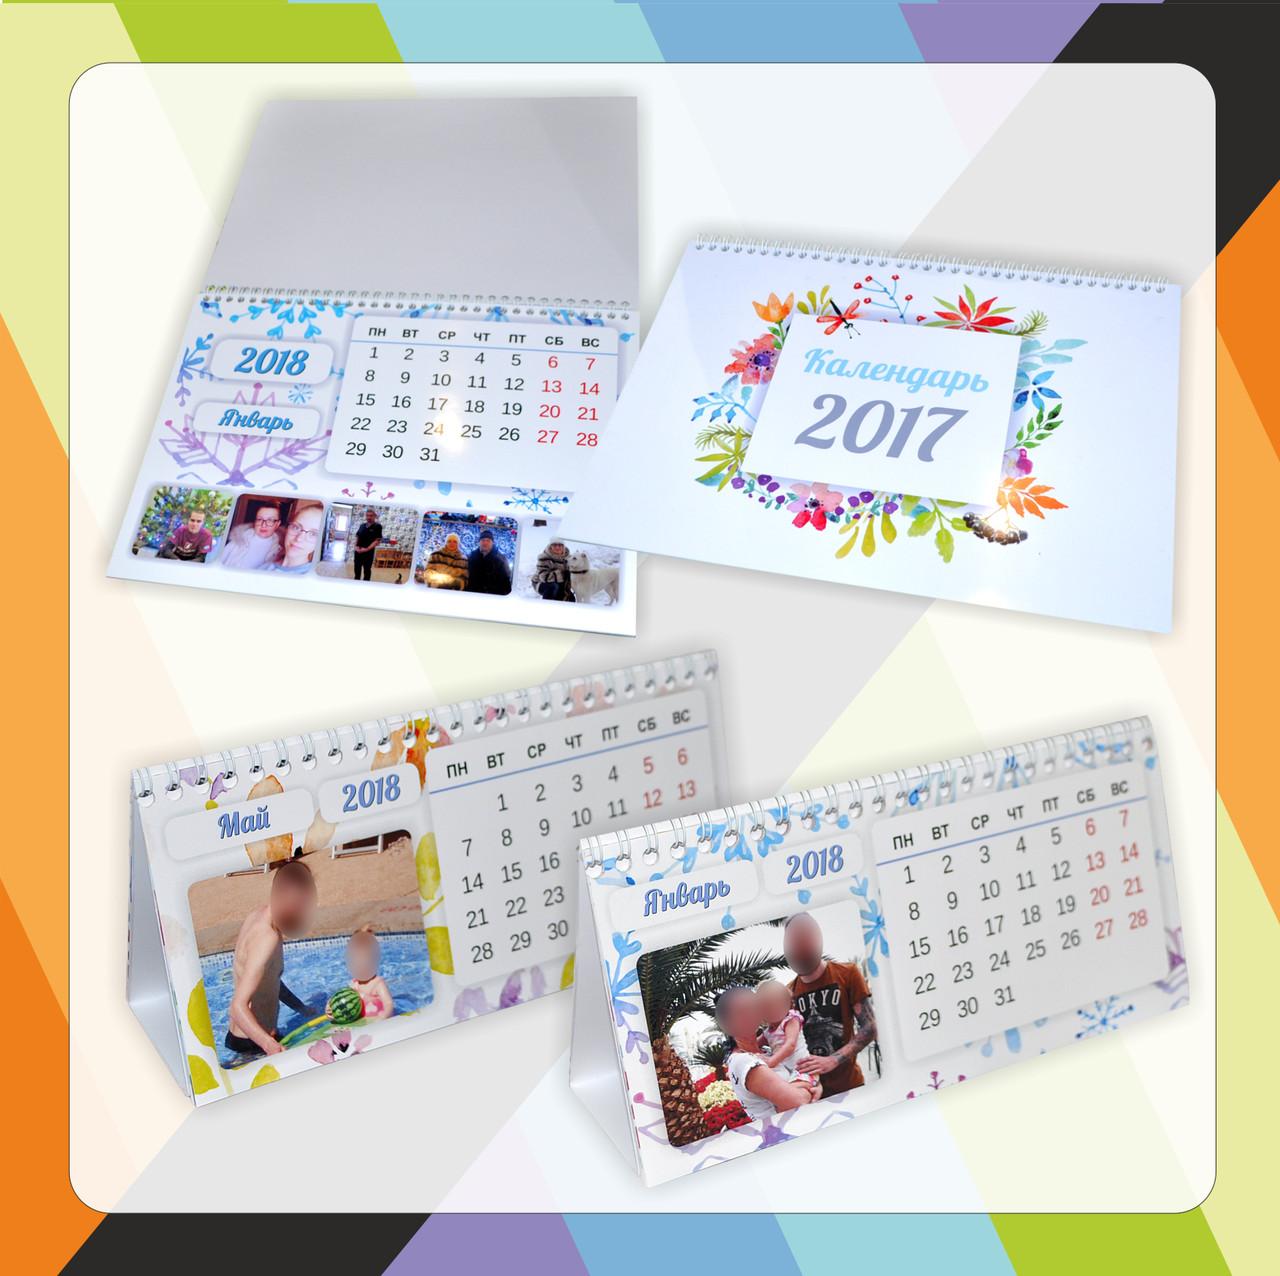 она календарь с фотографиями на заказ люберцы как создать